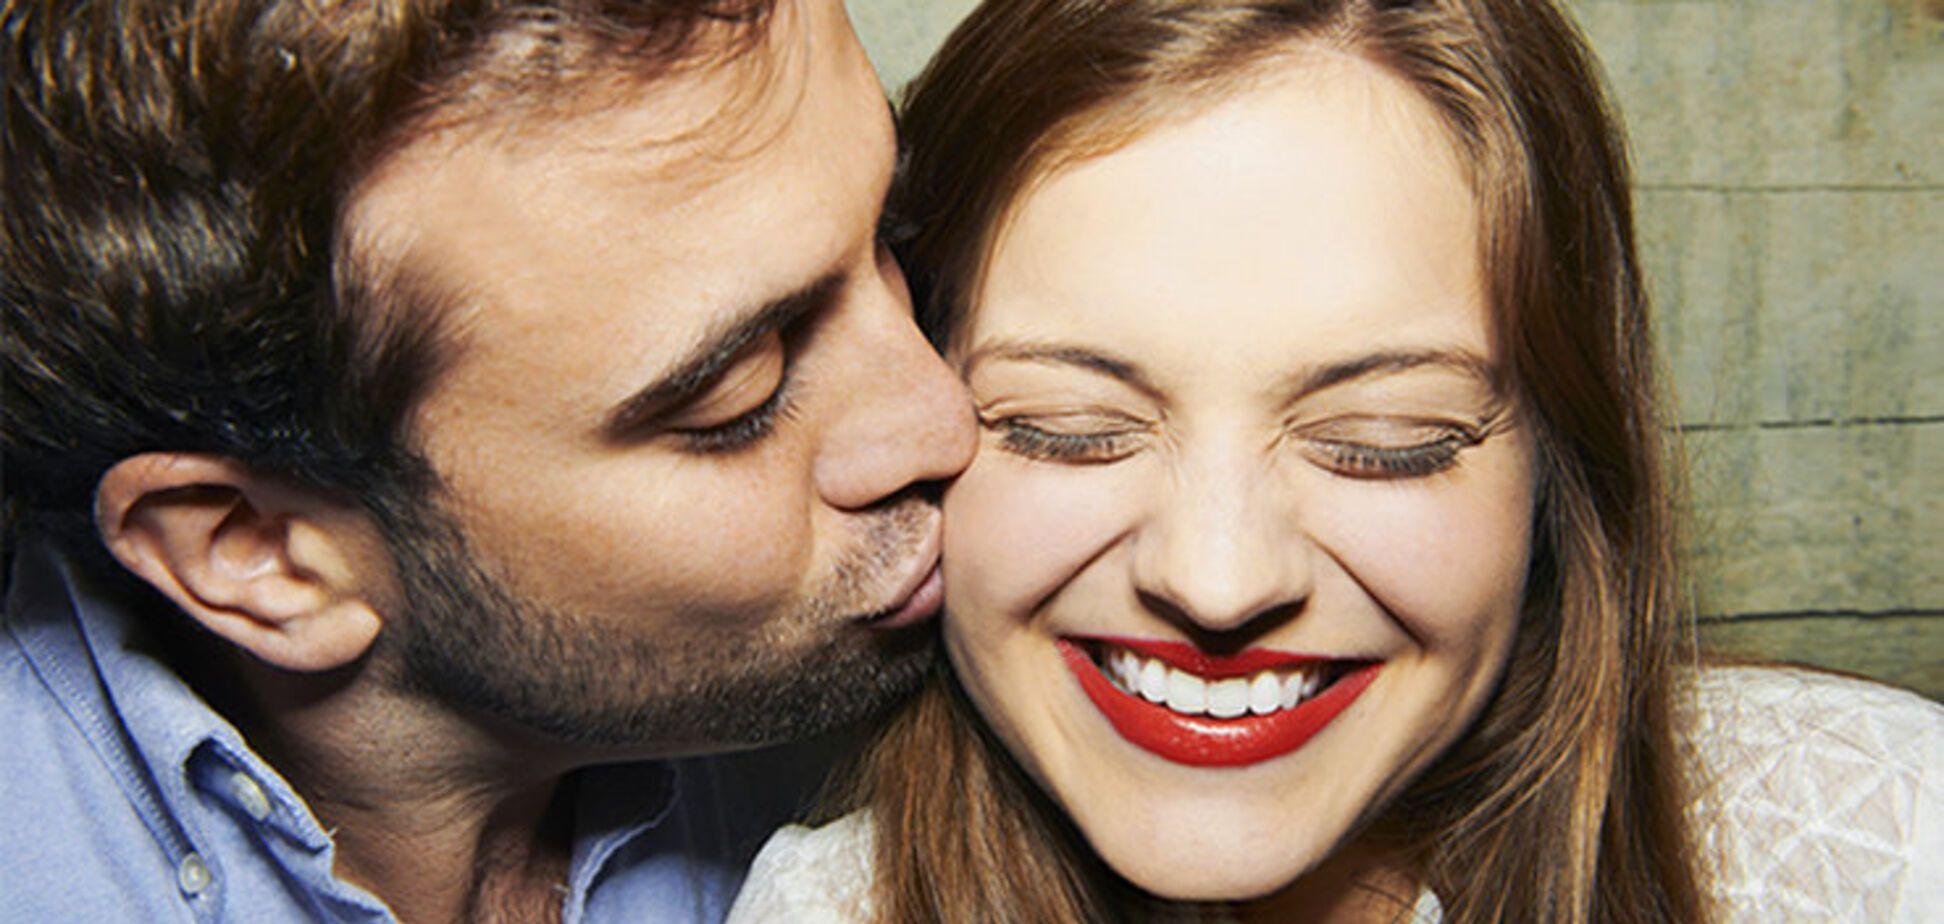 Вчені дізналися, які чоловіки роблять жінок найщасливішими